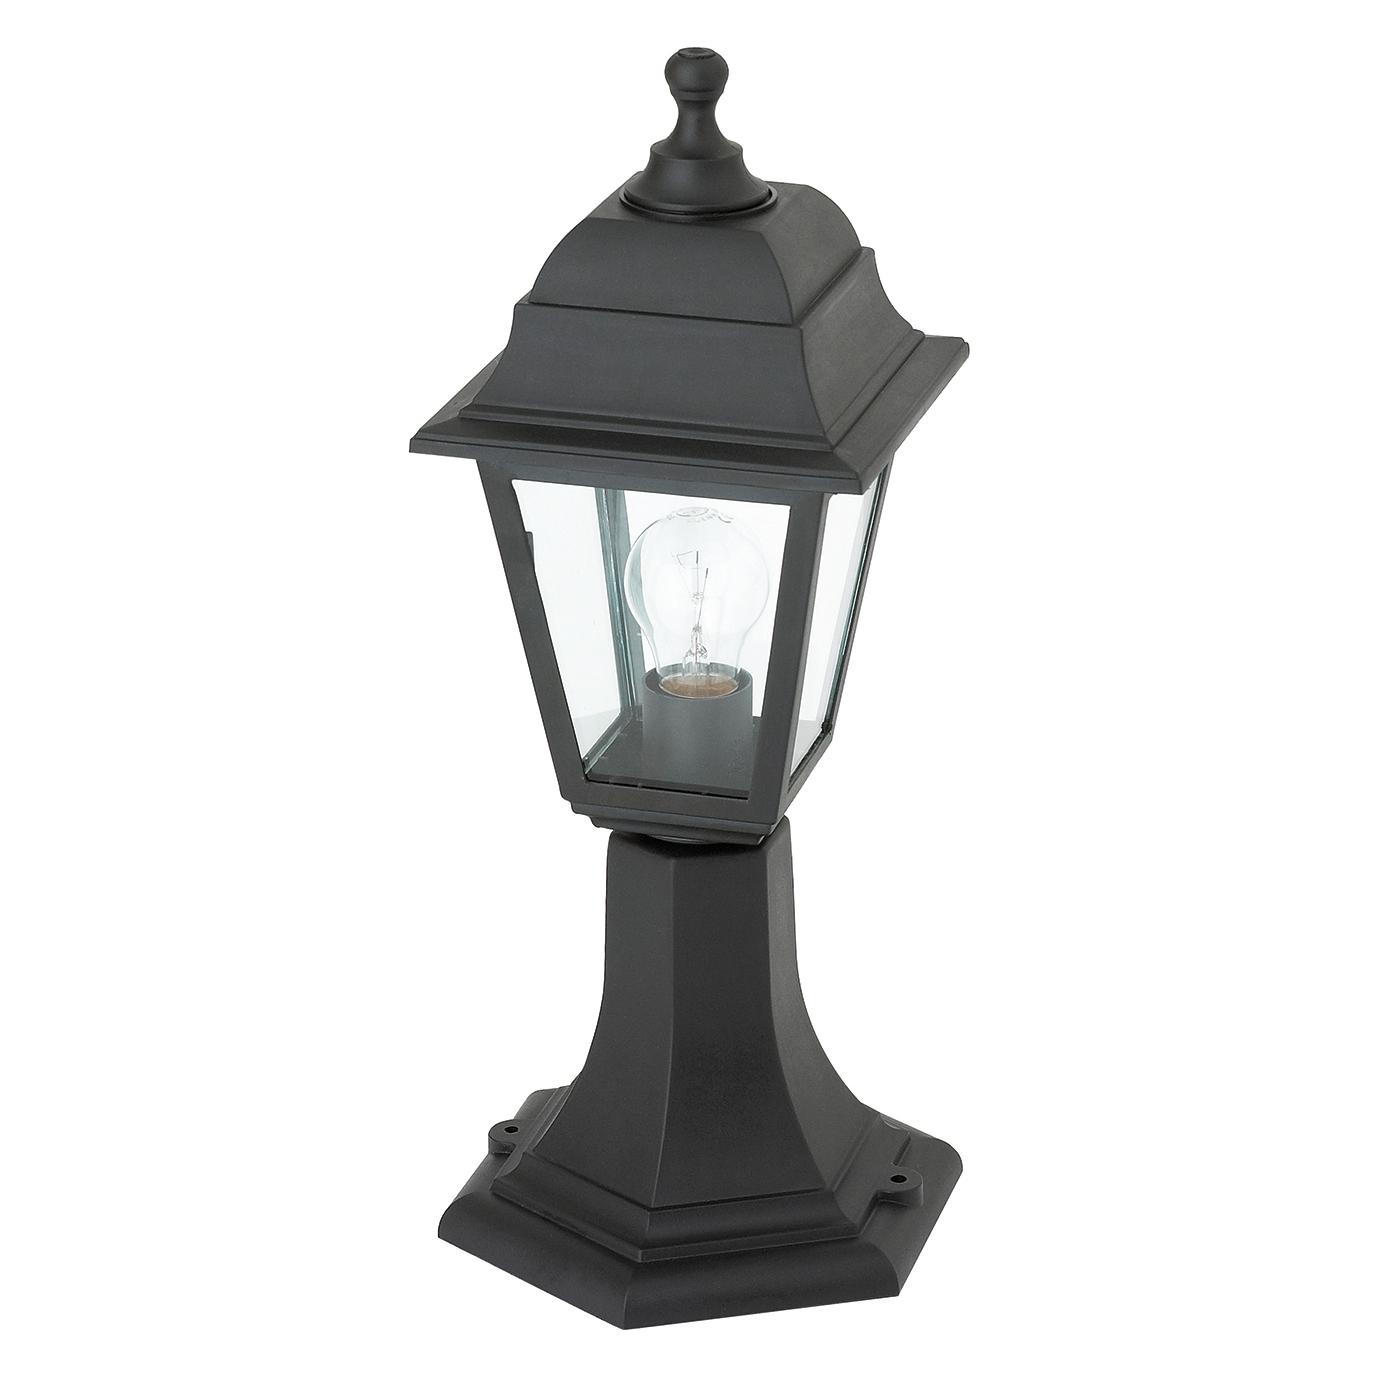 Endon EL-40043 Post Lantern GLS ES 60W